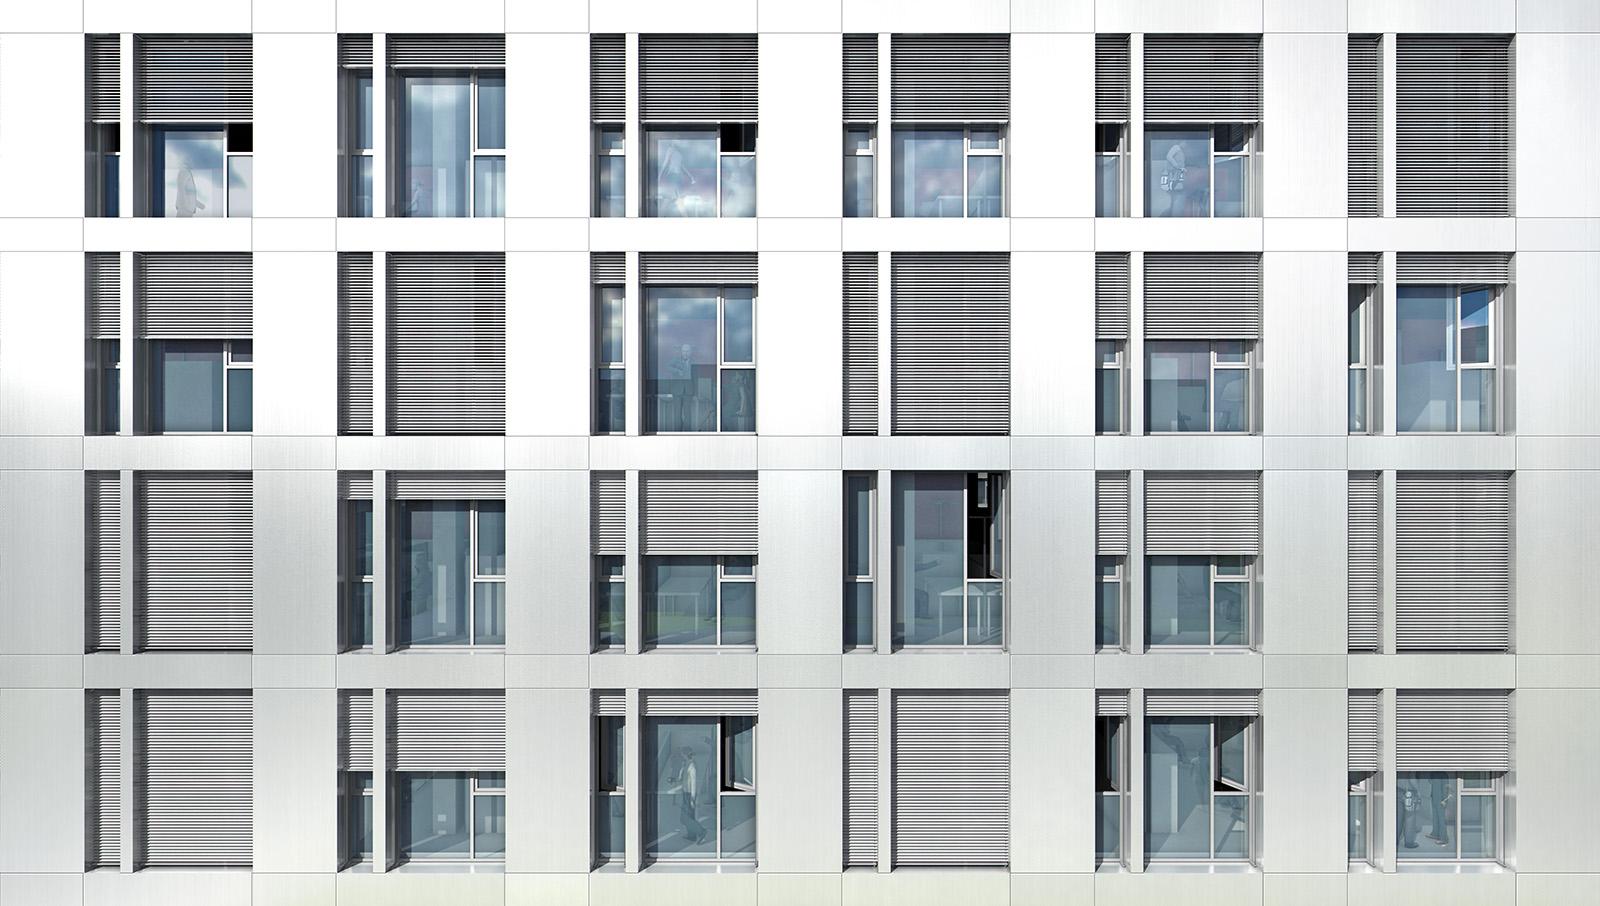 Baugenehmigung Löffelstraße 34 - 38 in Stuttgart-Degerloch